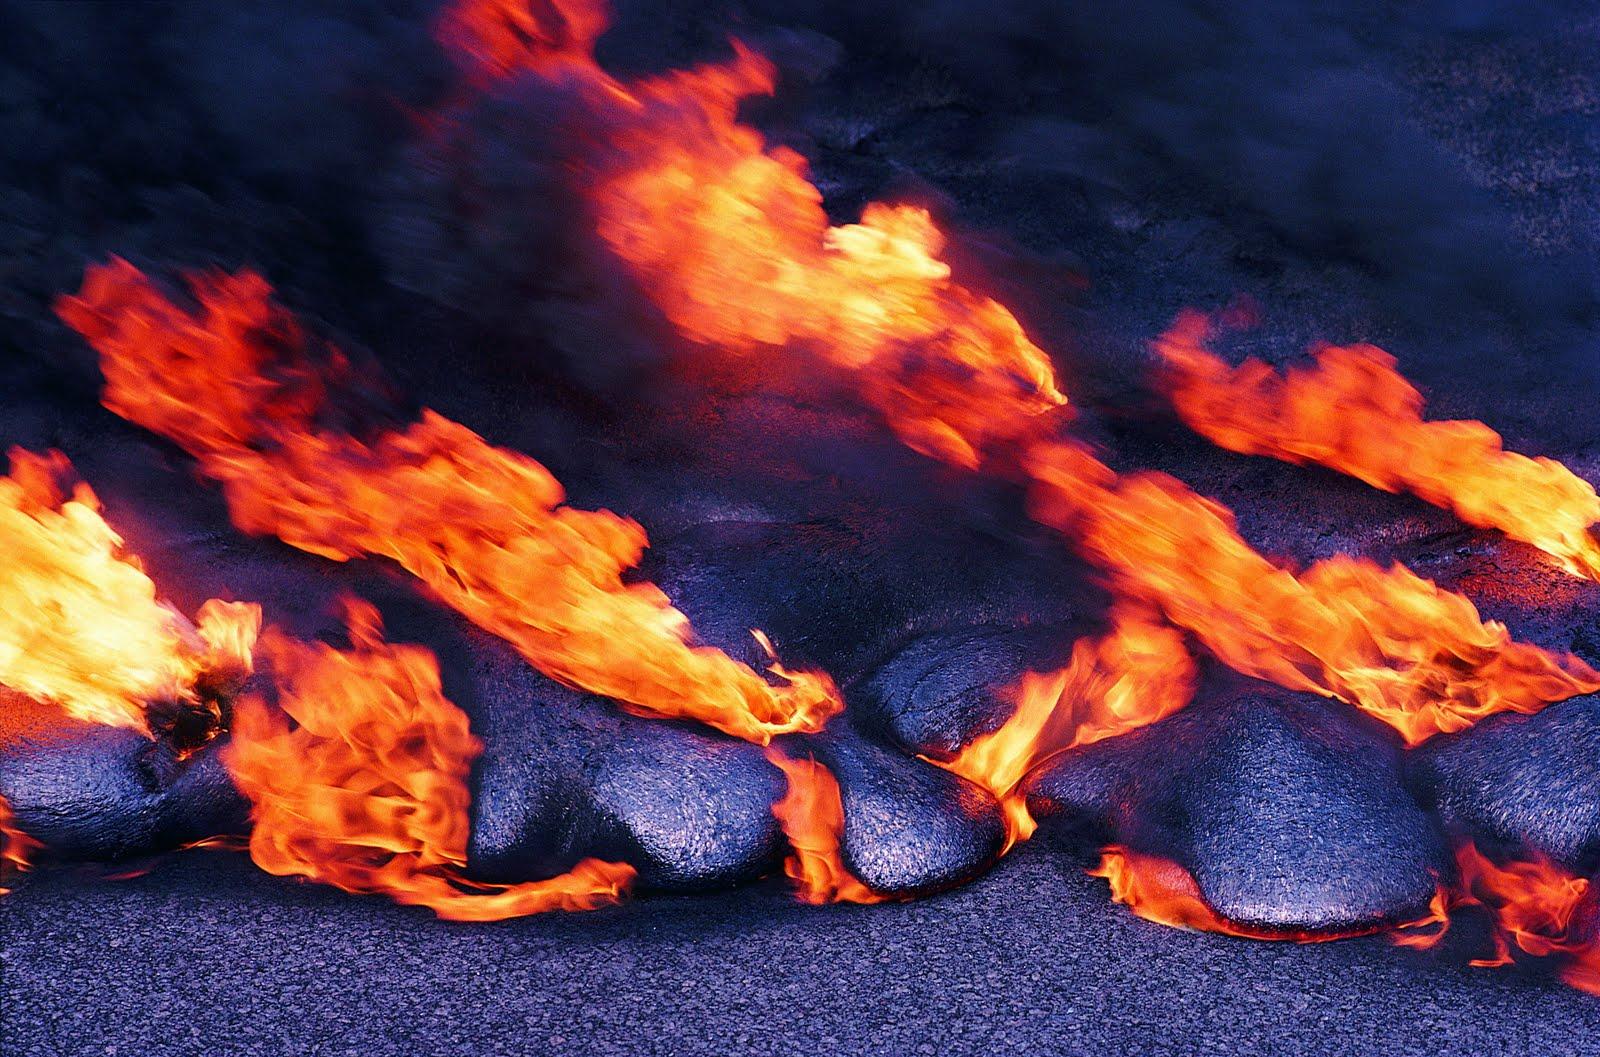 http://2.bp.blogspot.com/-icWEtF3khRU/TkD0Ww4MIkI/AAAAAAAAANs/_5W9-8xL2Js/s1600/volcano%2Bwallpaper%2B3.jpg